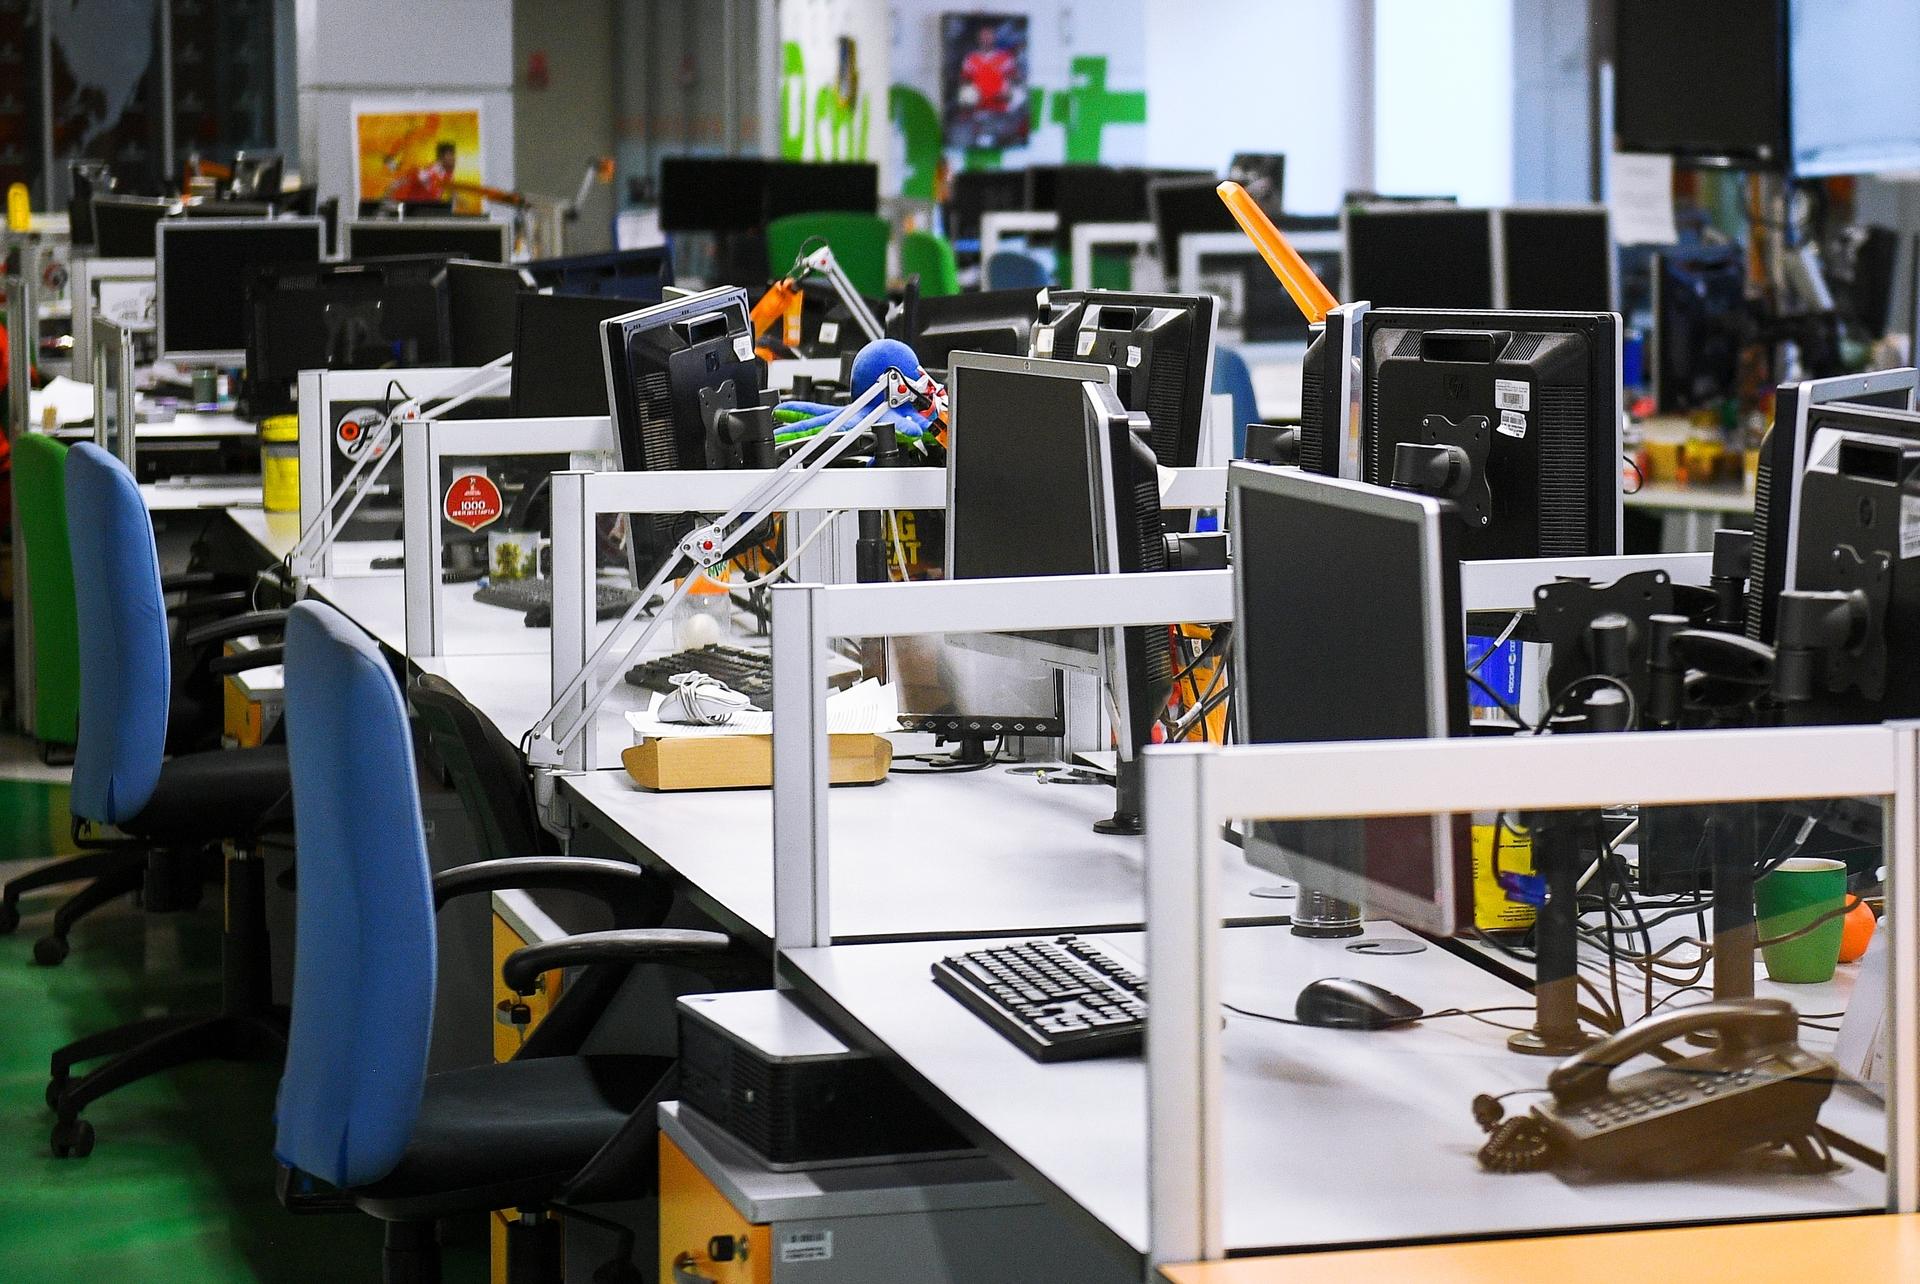 «Не можем игнорировать»: Минтруд готов рассмотреть инициативы по введению четырёхдневной рабочей недели1